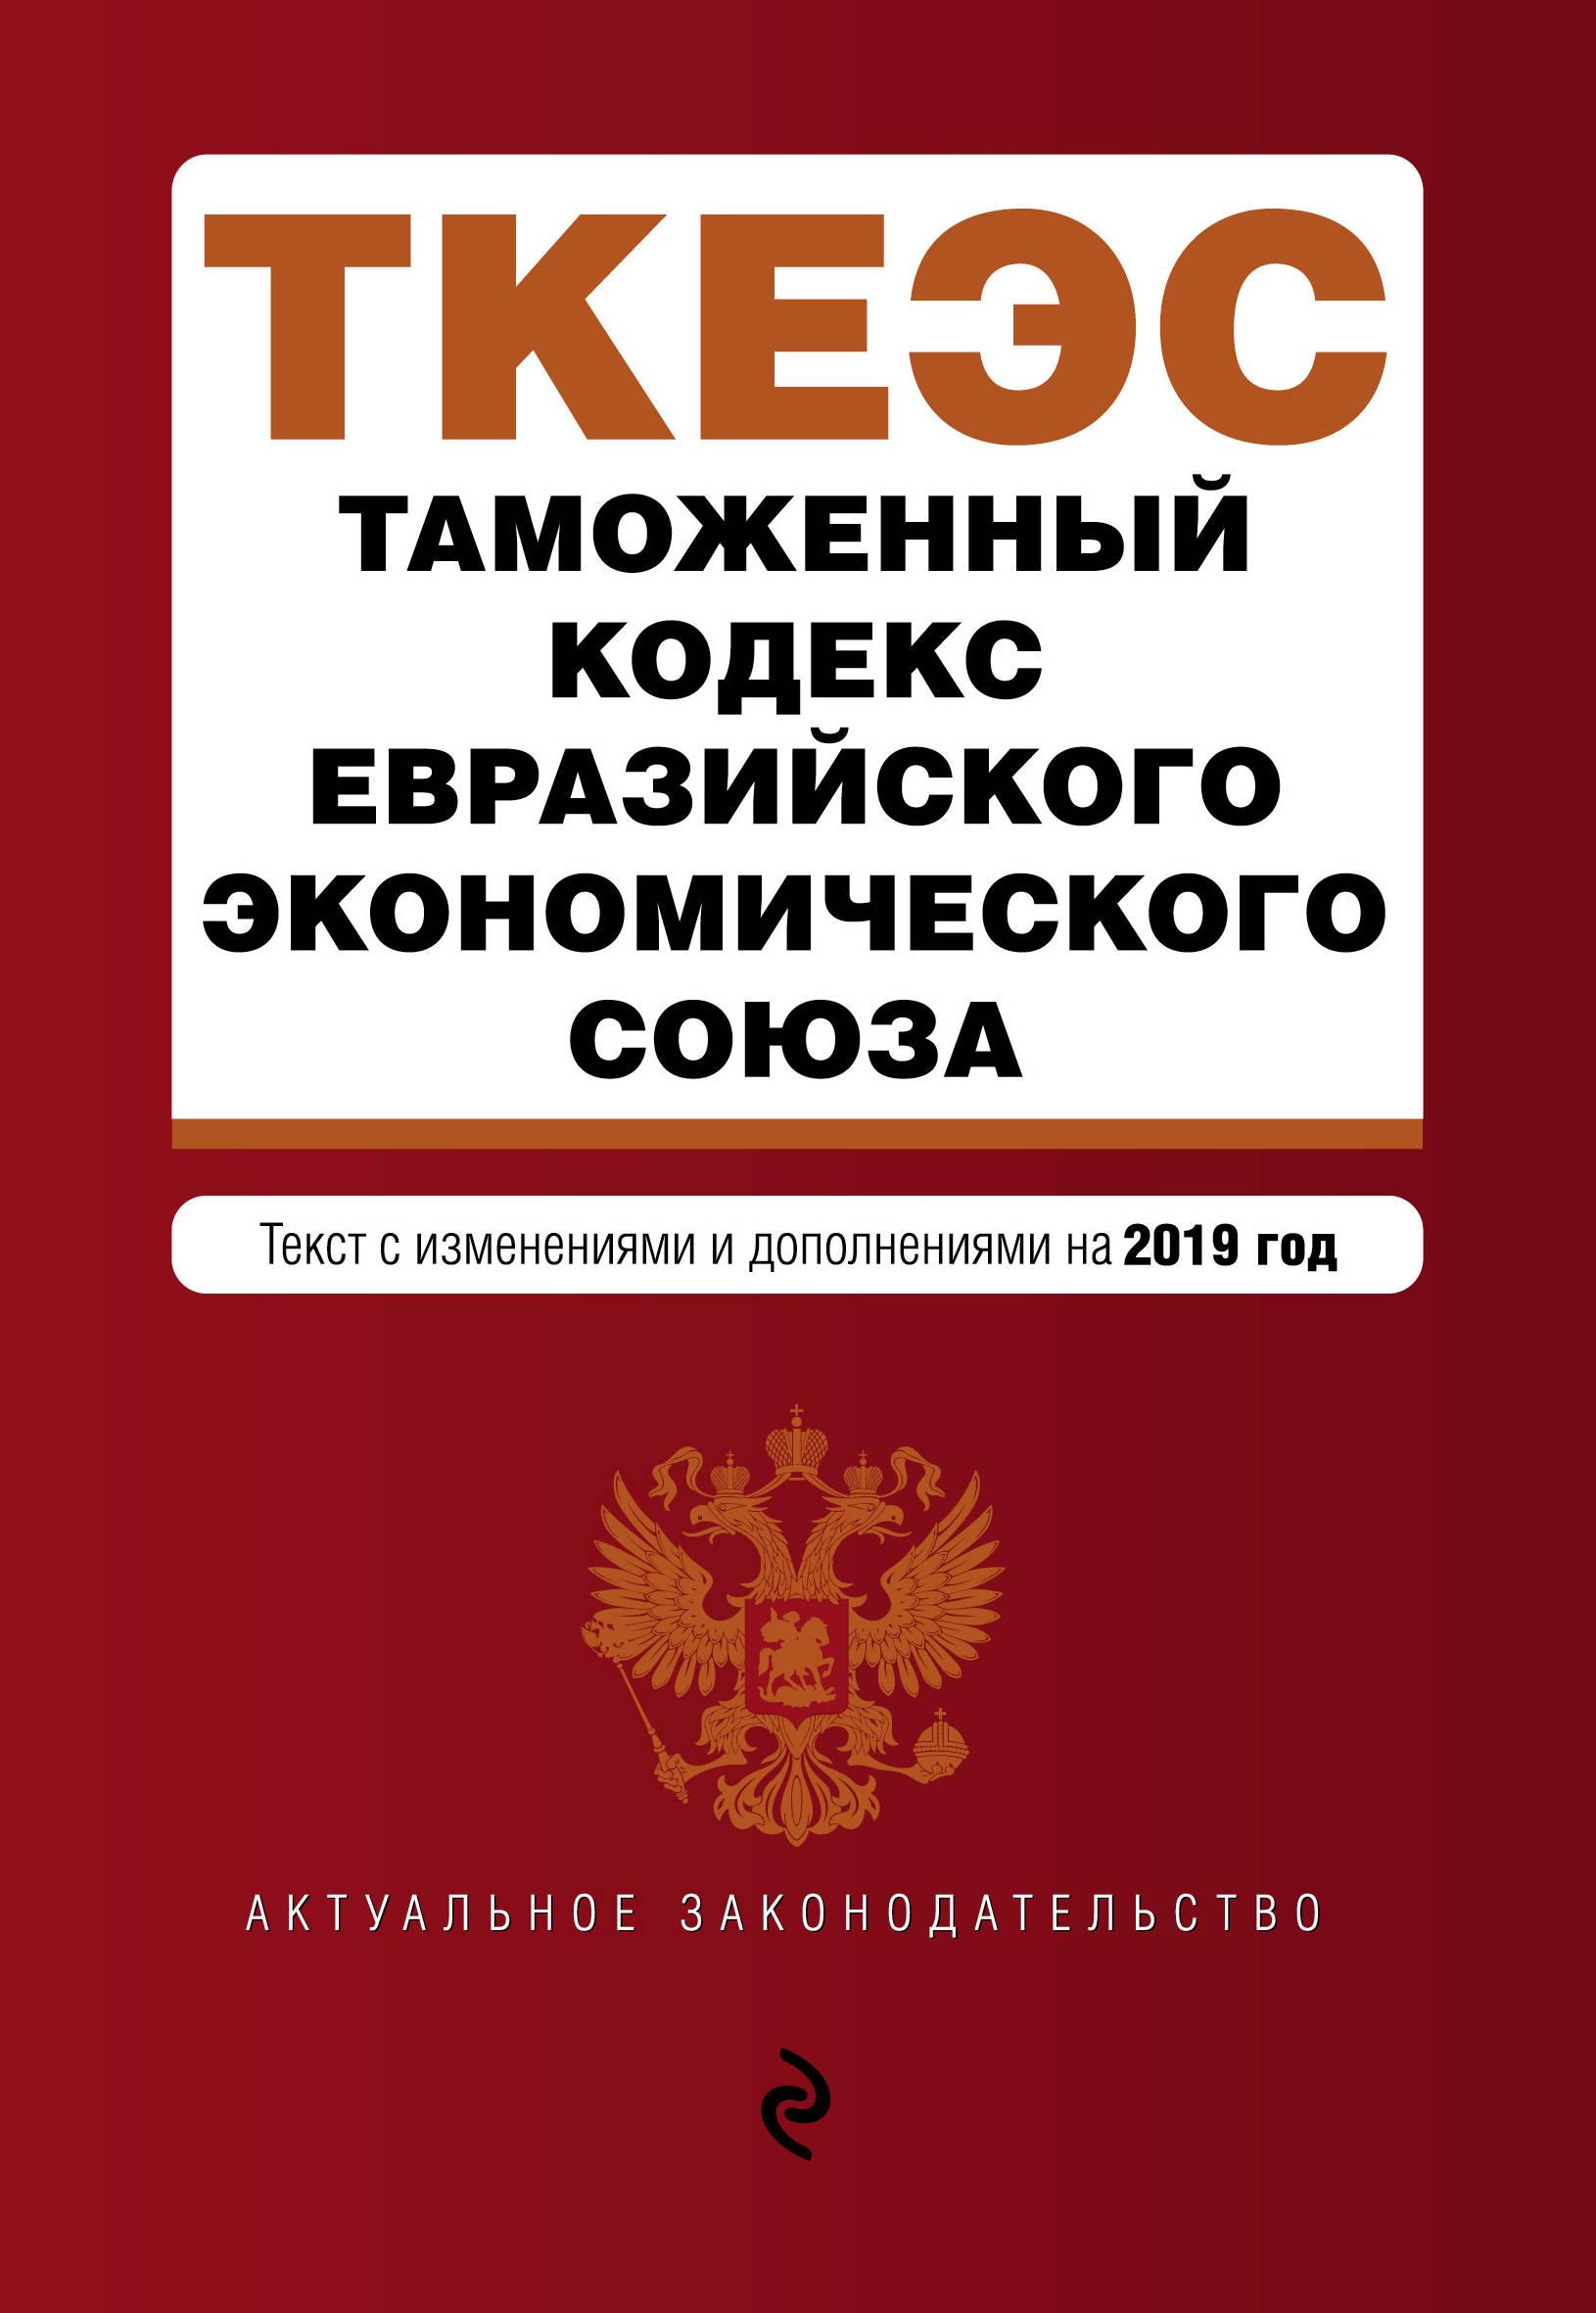 Таможенный кодекс Евразийского экономического союза. Текст с изменениями и дополнениями на 2019 год с ю кашкин а о четвериков право евразийского экономического союза